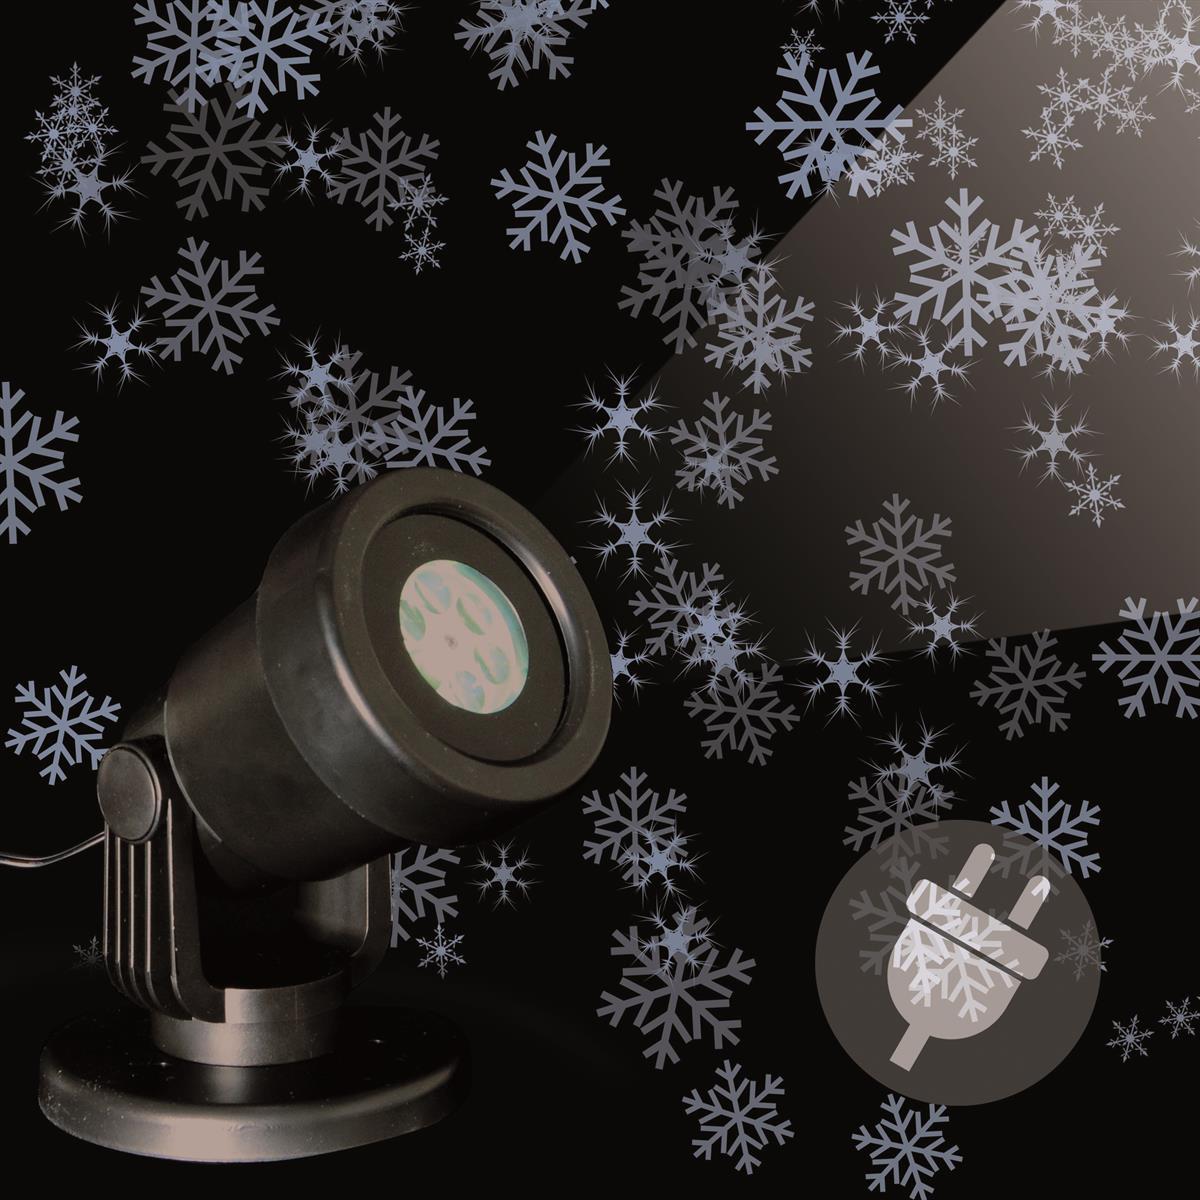 LED Projektor Strahler Schneeflocke weiß Fassadenstrahler Aussen wasserdicht